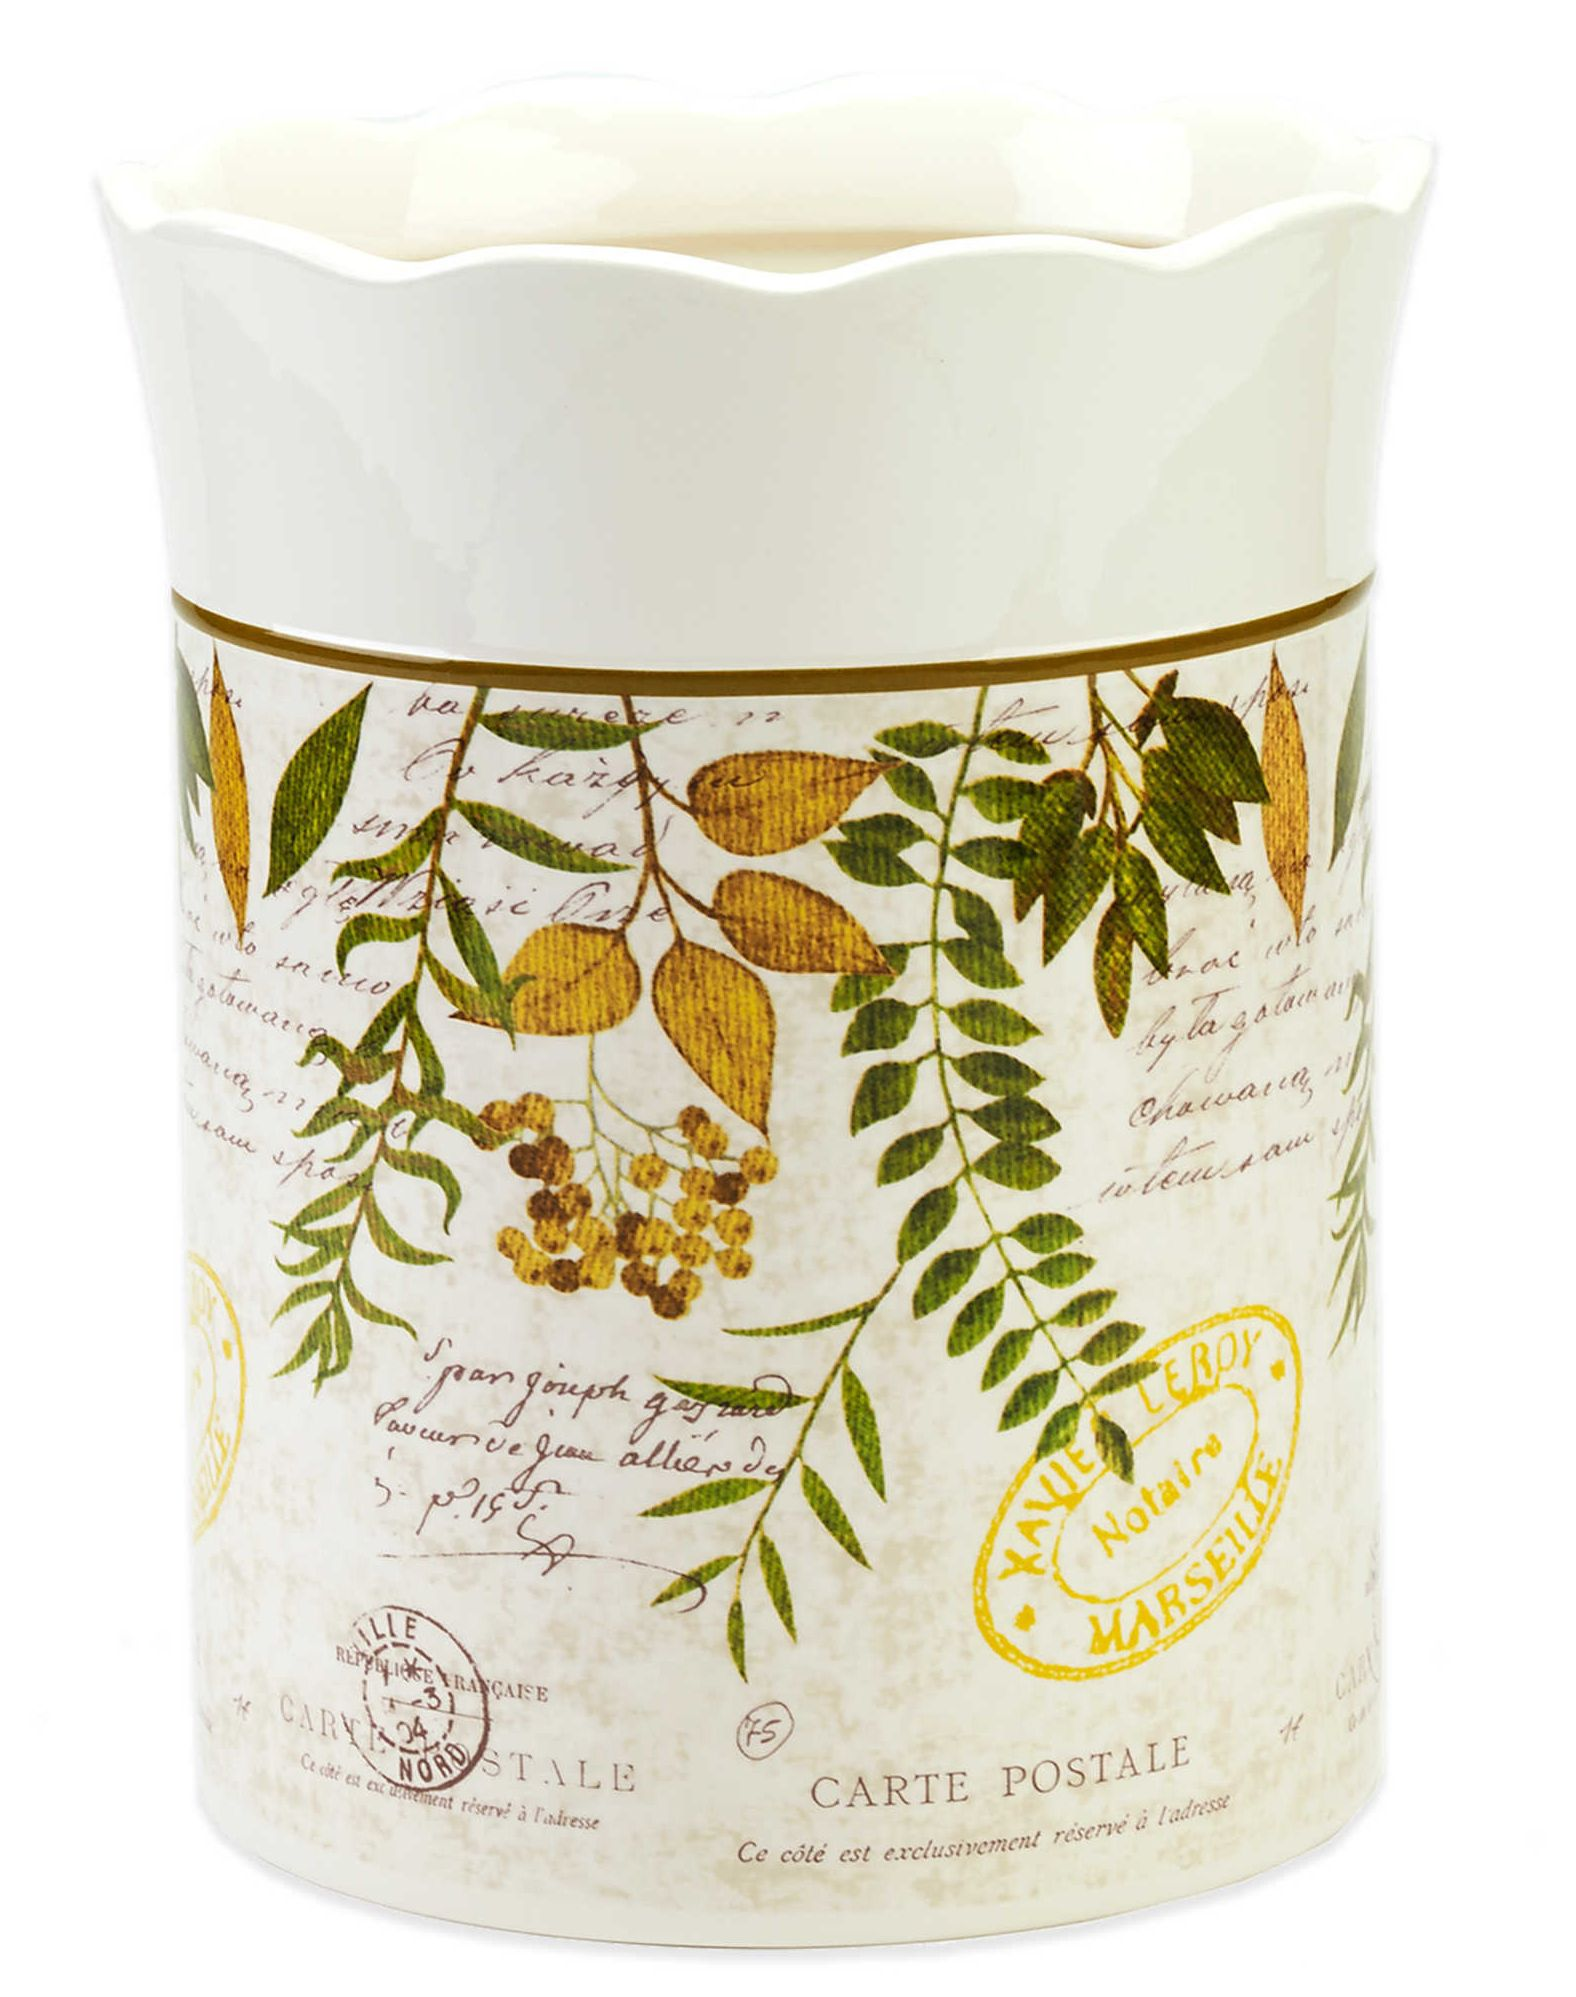 Ведра для мусора Ведро для мусора Avanti Foliage Garden vedro-dlya-musora-avanti-foliage-garden-ssha-kitay.jpg